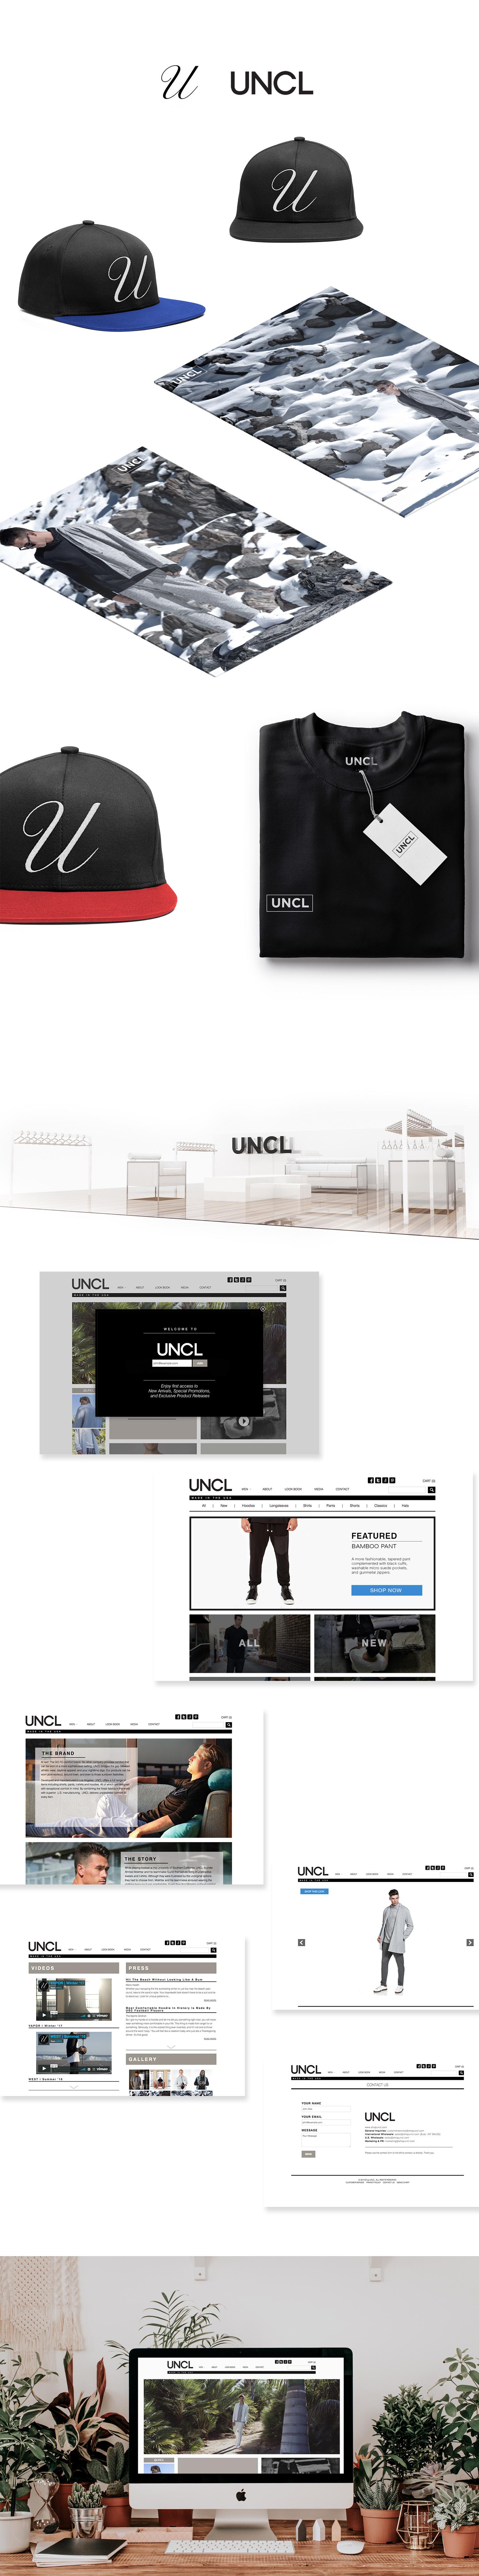 uncl.jpg